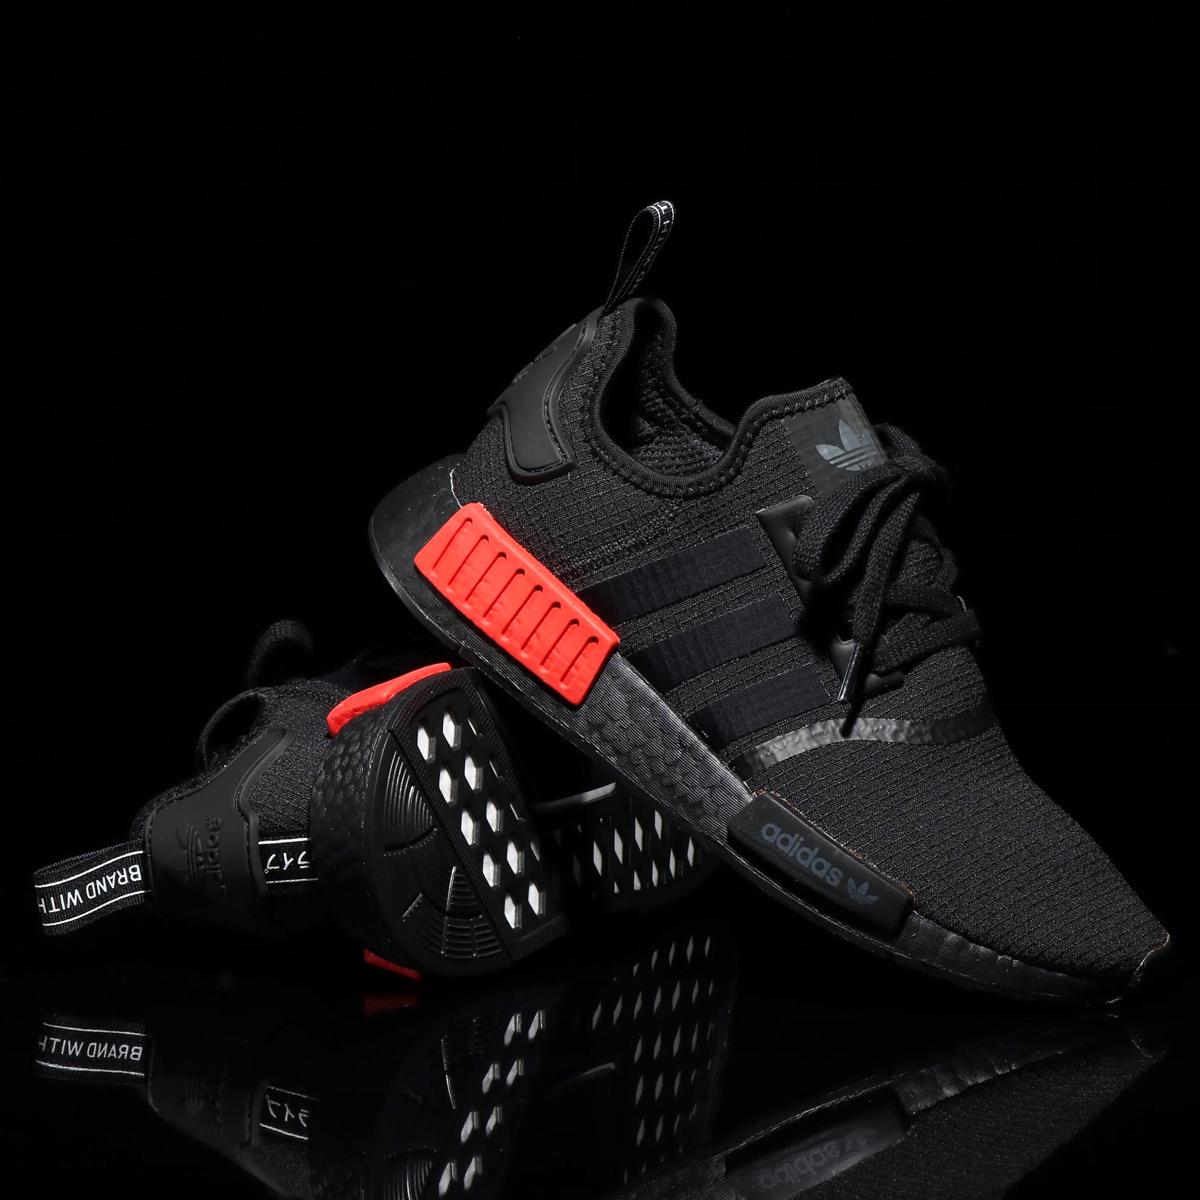 adidas Originals NMD_R1(アディダス オリジナルス エヌエムディR1)CORE BLACK/CORE BLACK/RUSH RED゛【メンズ レディース スニーカー】18FW-I